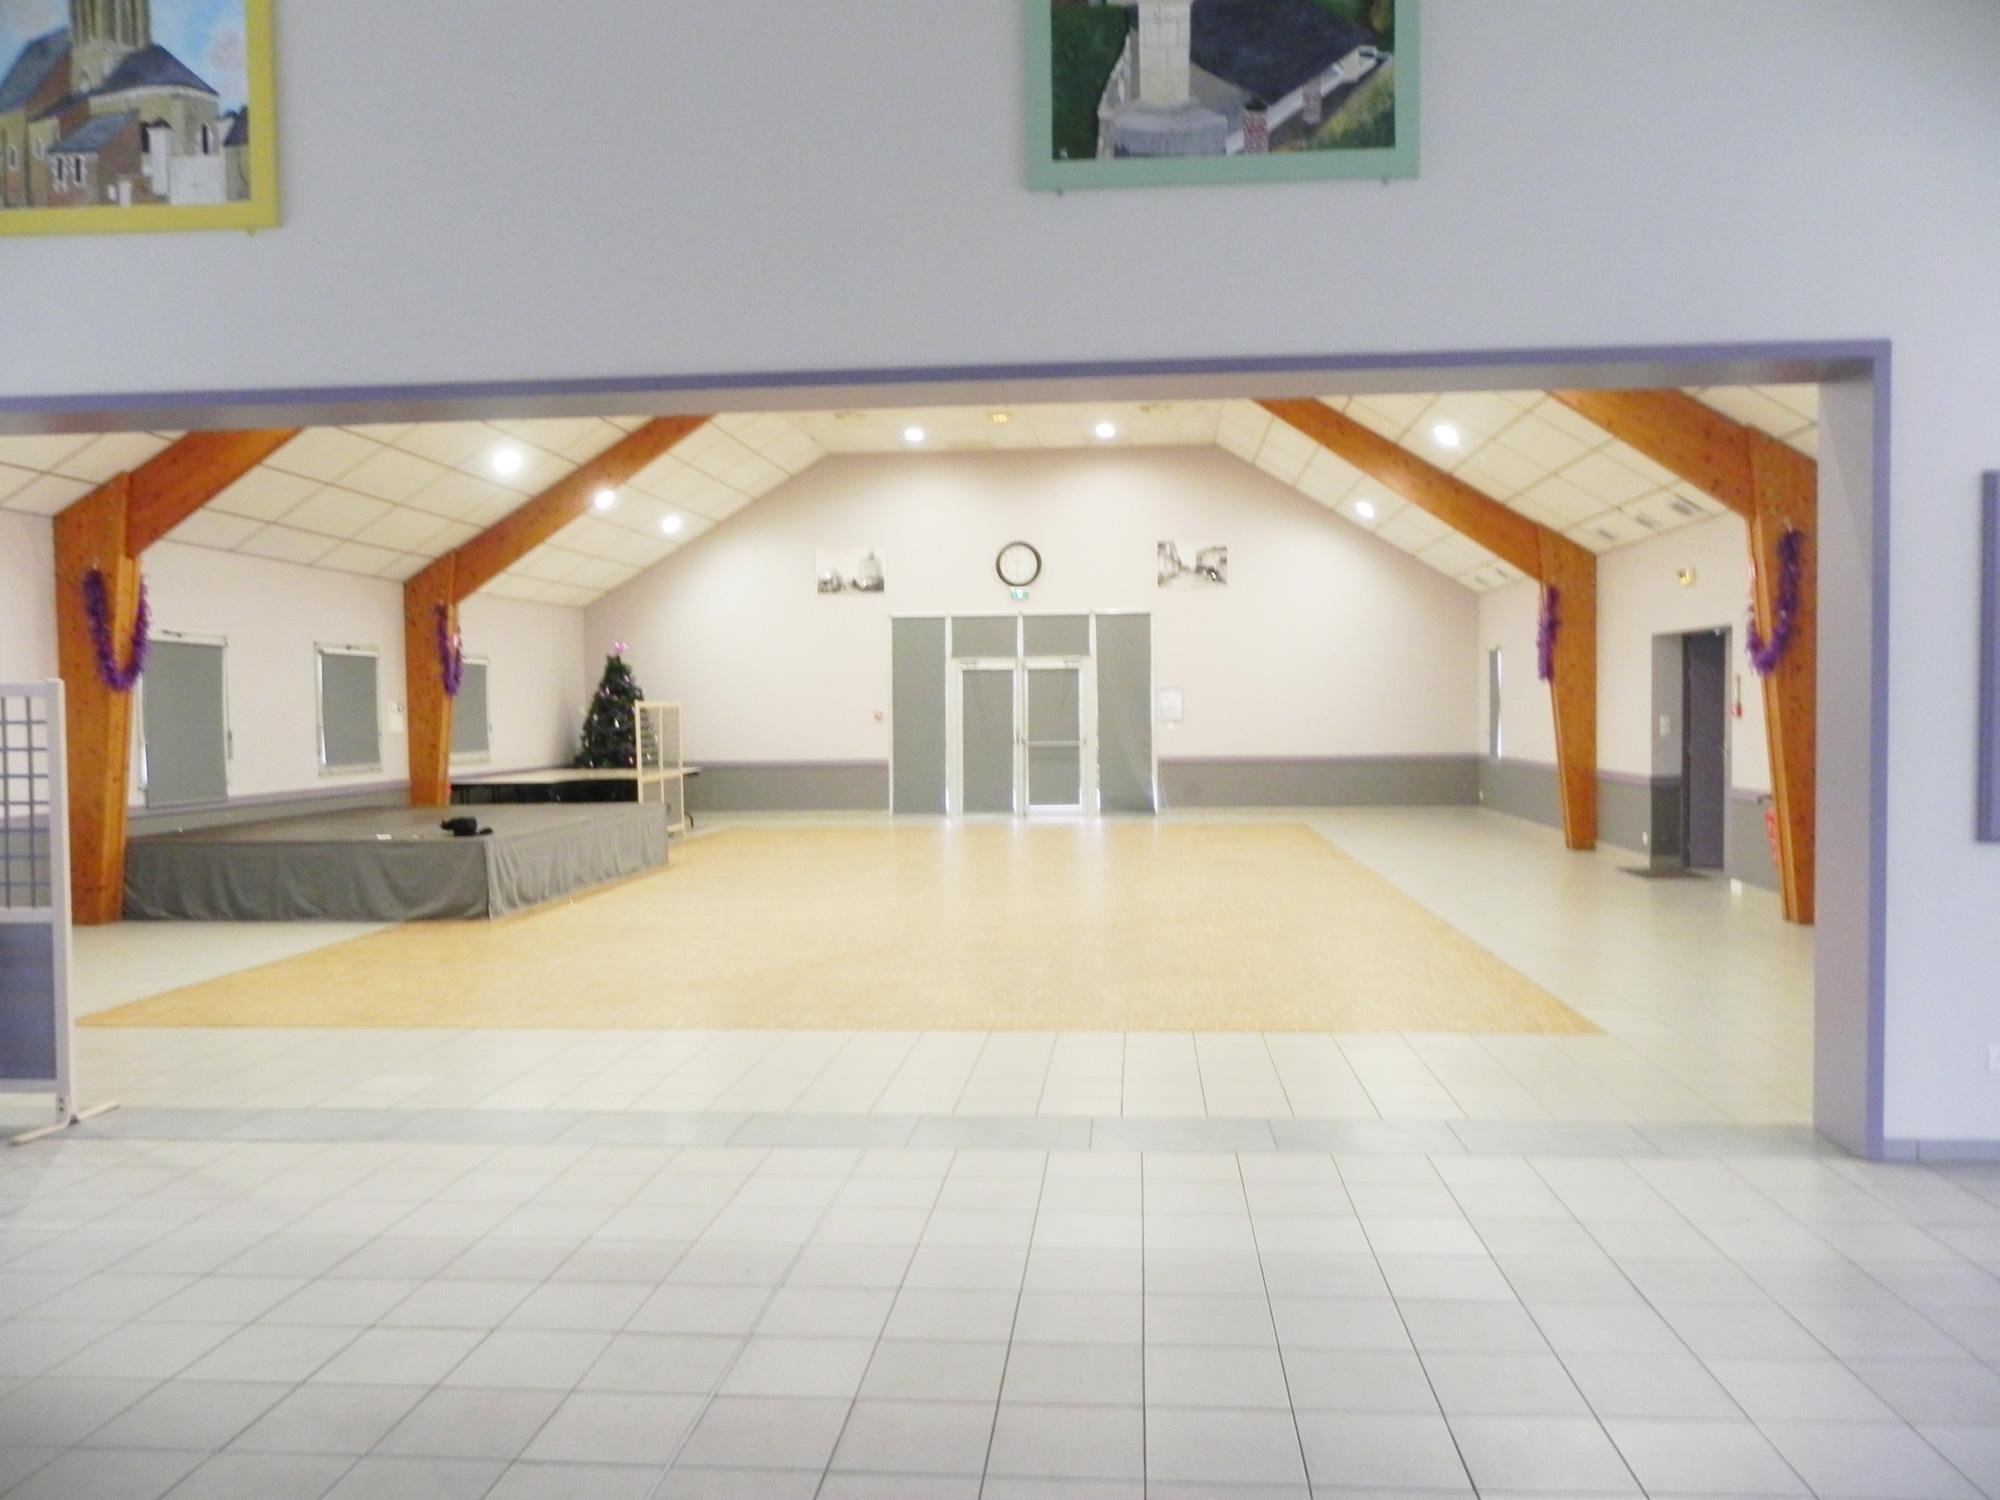 salle des fêtes de Lasse